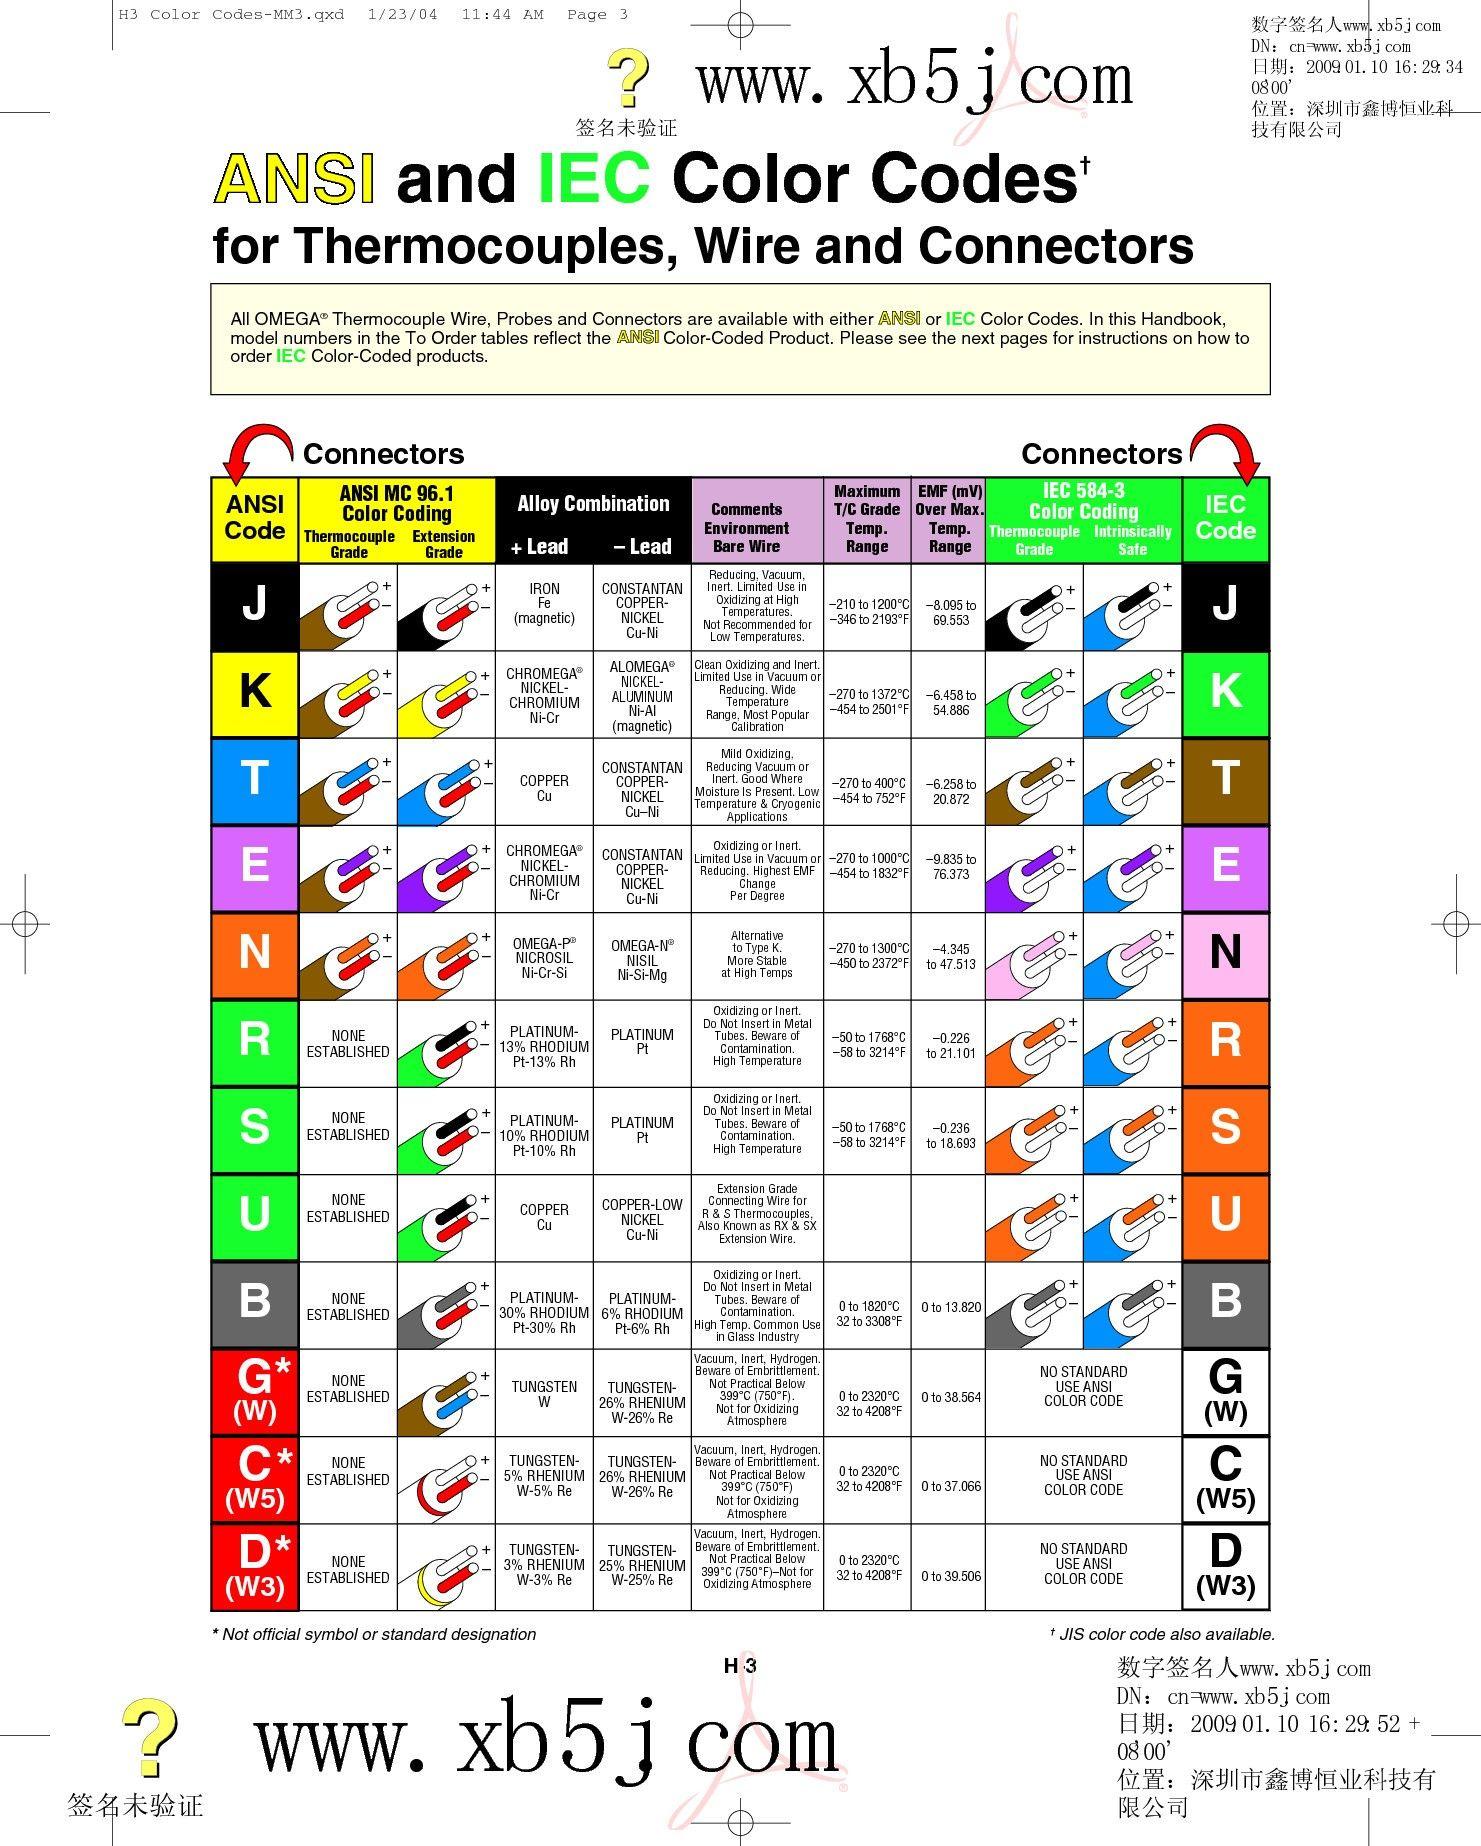 medium resolution of beautiful wiring diagram abbreviations diagrams digramssamplebeautiful wiring diagram abbreviations diagrams digramssample diagramimages wiringdiagramsample